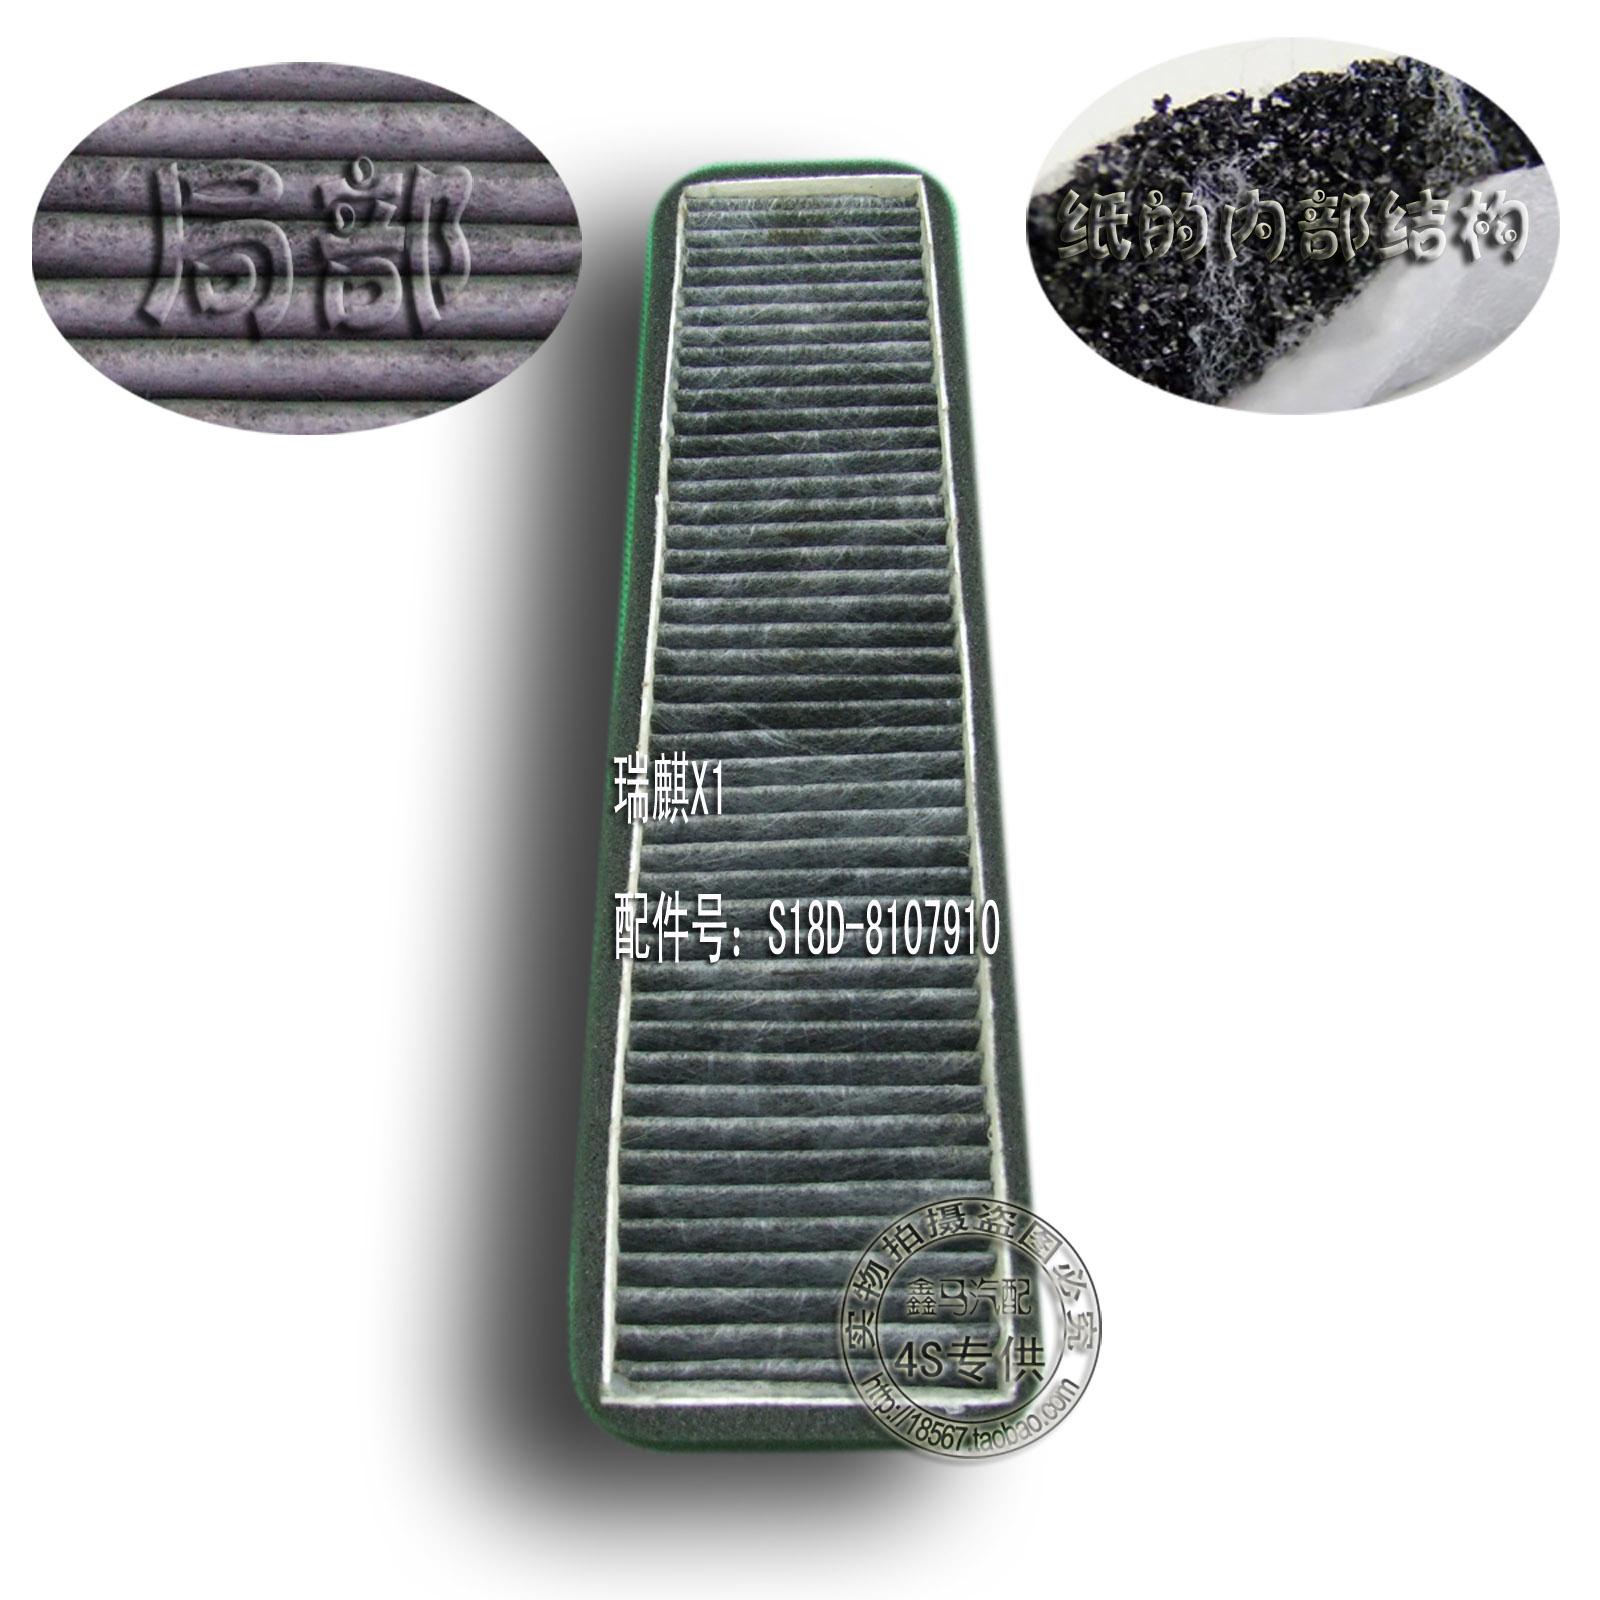 Chery riich X1 M1 воздушный фильтр фильтр углеродного волокна S18-4103735 S18D-8107910